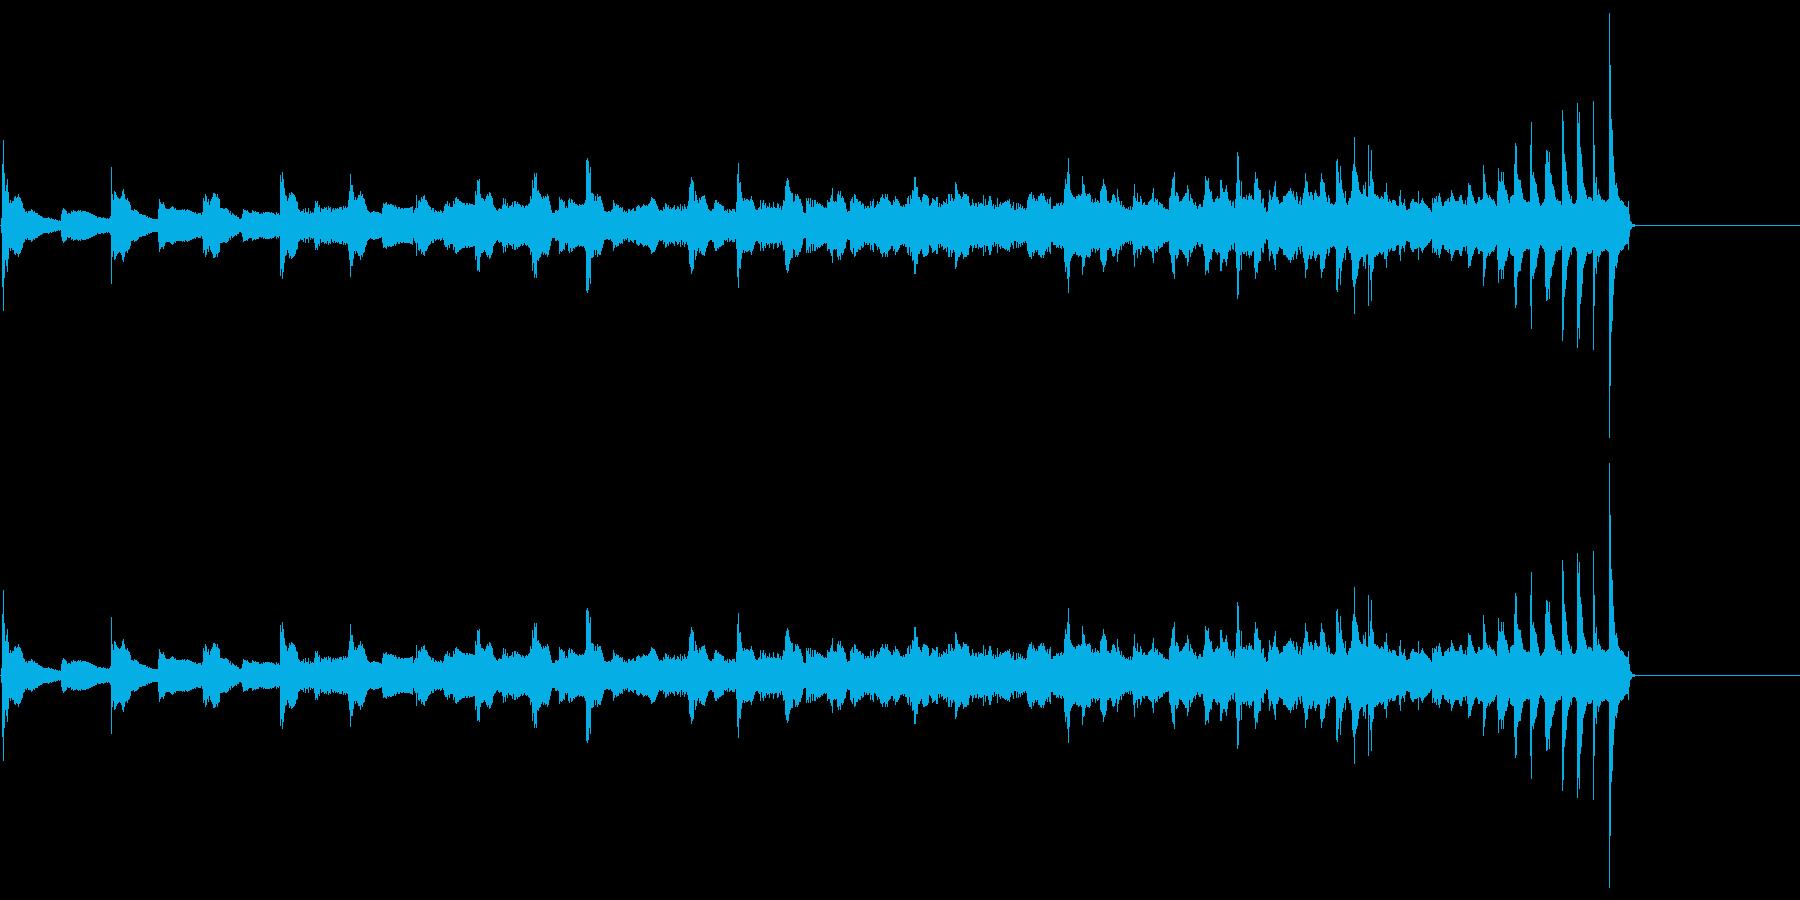 生演奏 琵琶 武士 和風 古典風#24の再生済みの波形